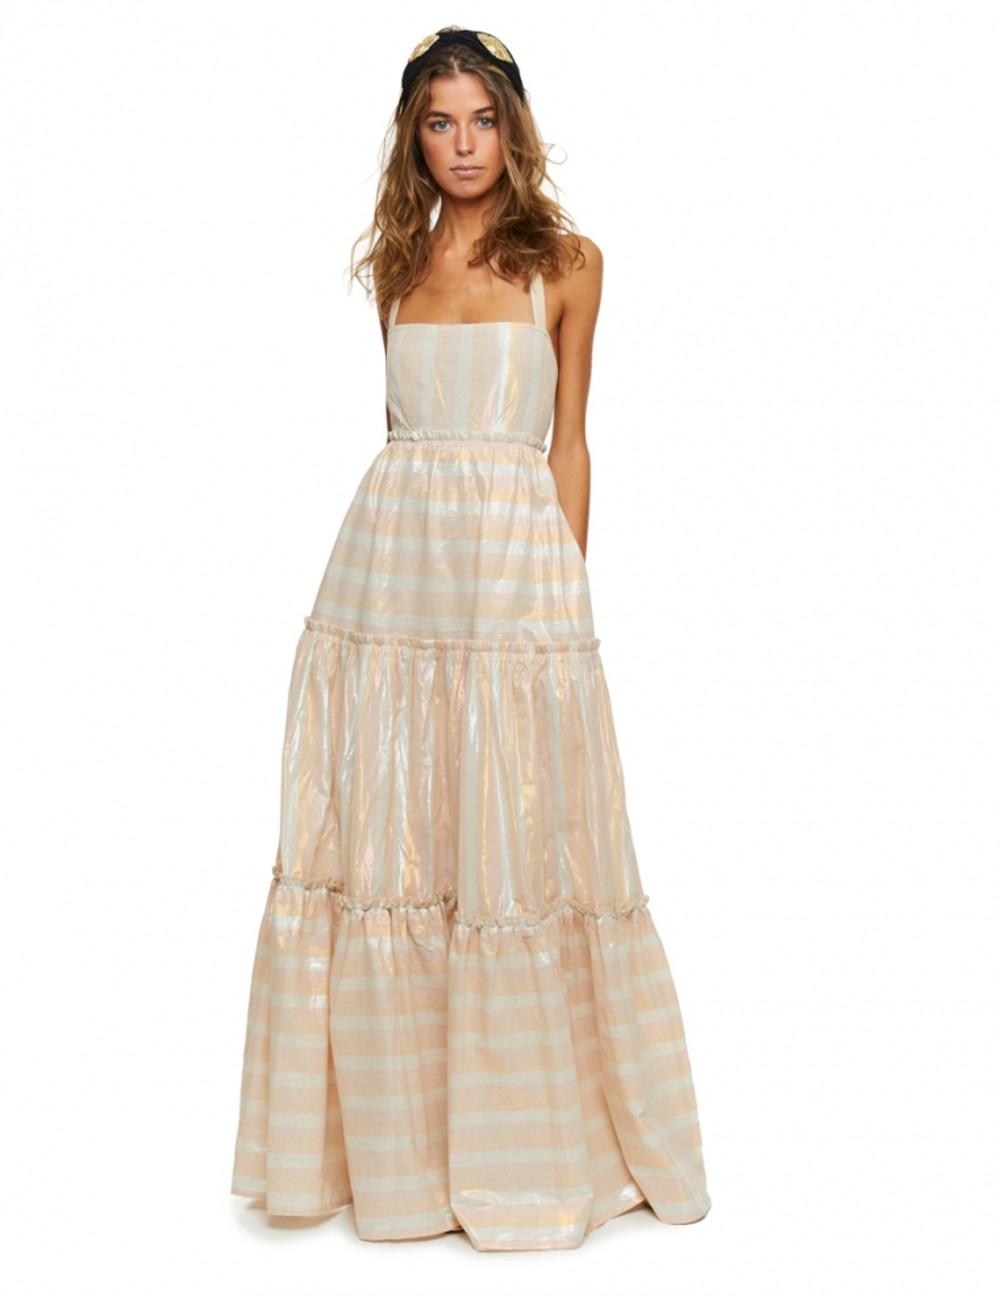 El Cascade dress es indudablemente sensual y difícil de apartar la mirada. Simulando una cascada con el algodón lúrex y una impresionante espalda abierta con cintas, es la prenda infalible que hará que todas las miradas se cent<strong>r</strong>en en ti. ¡Resalta tu moreno con esta maravilla de tonos pasteles! Alabama Shop